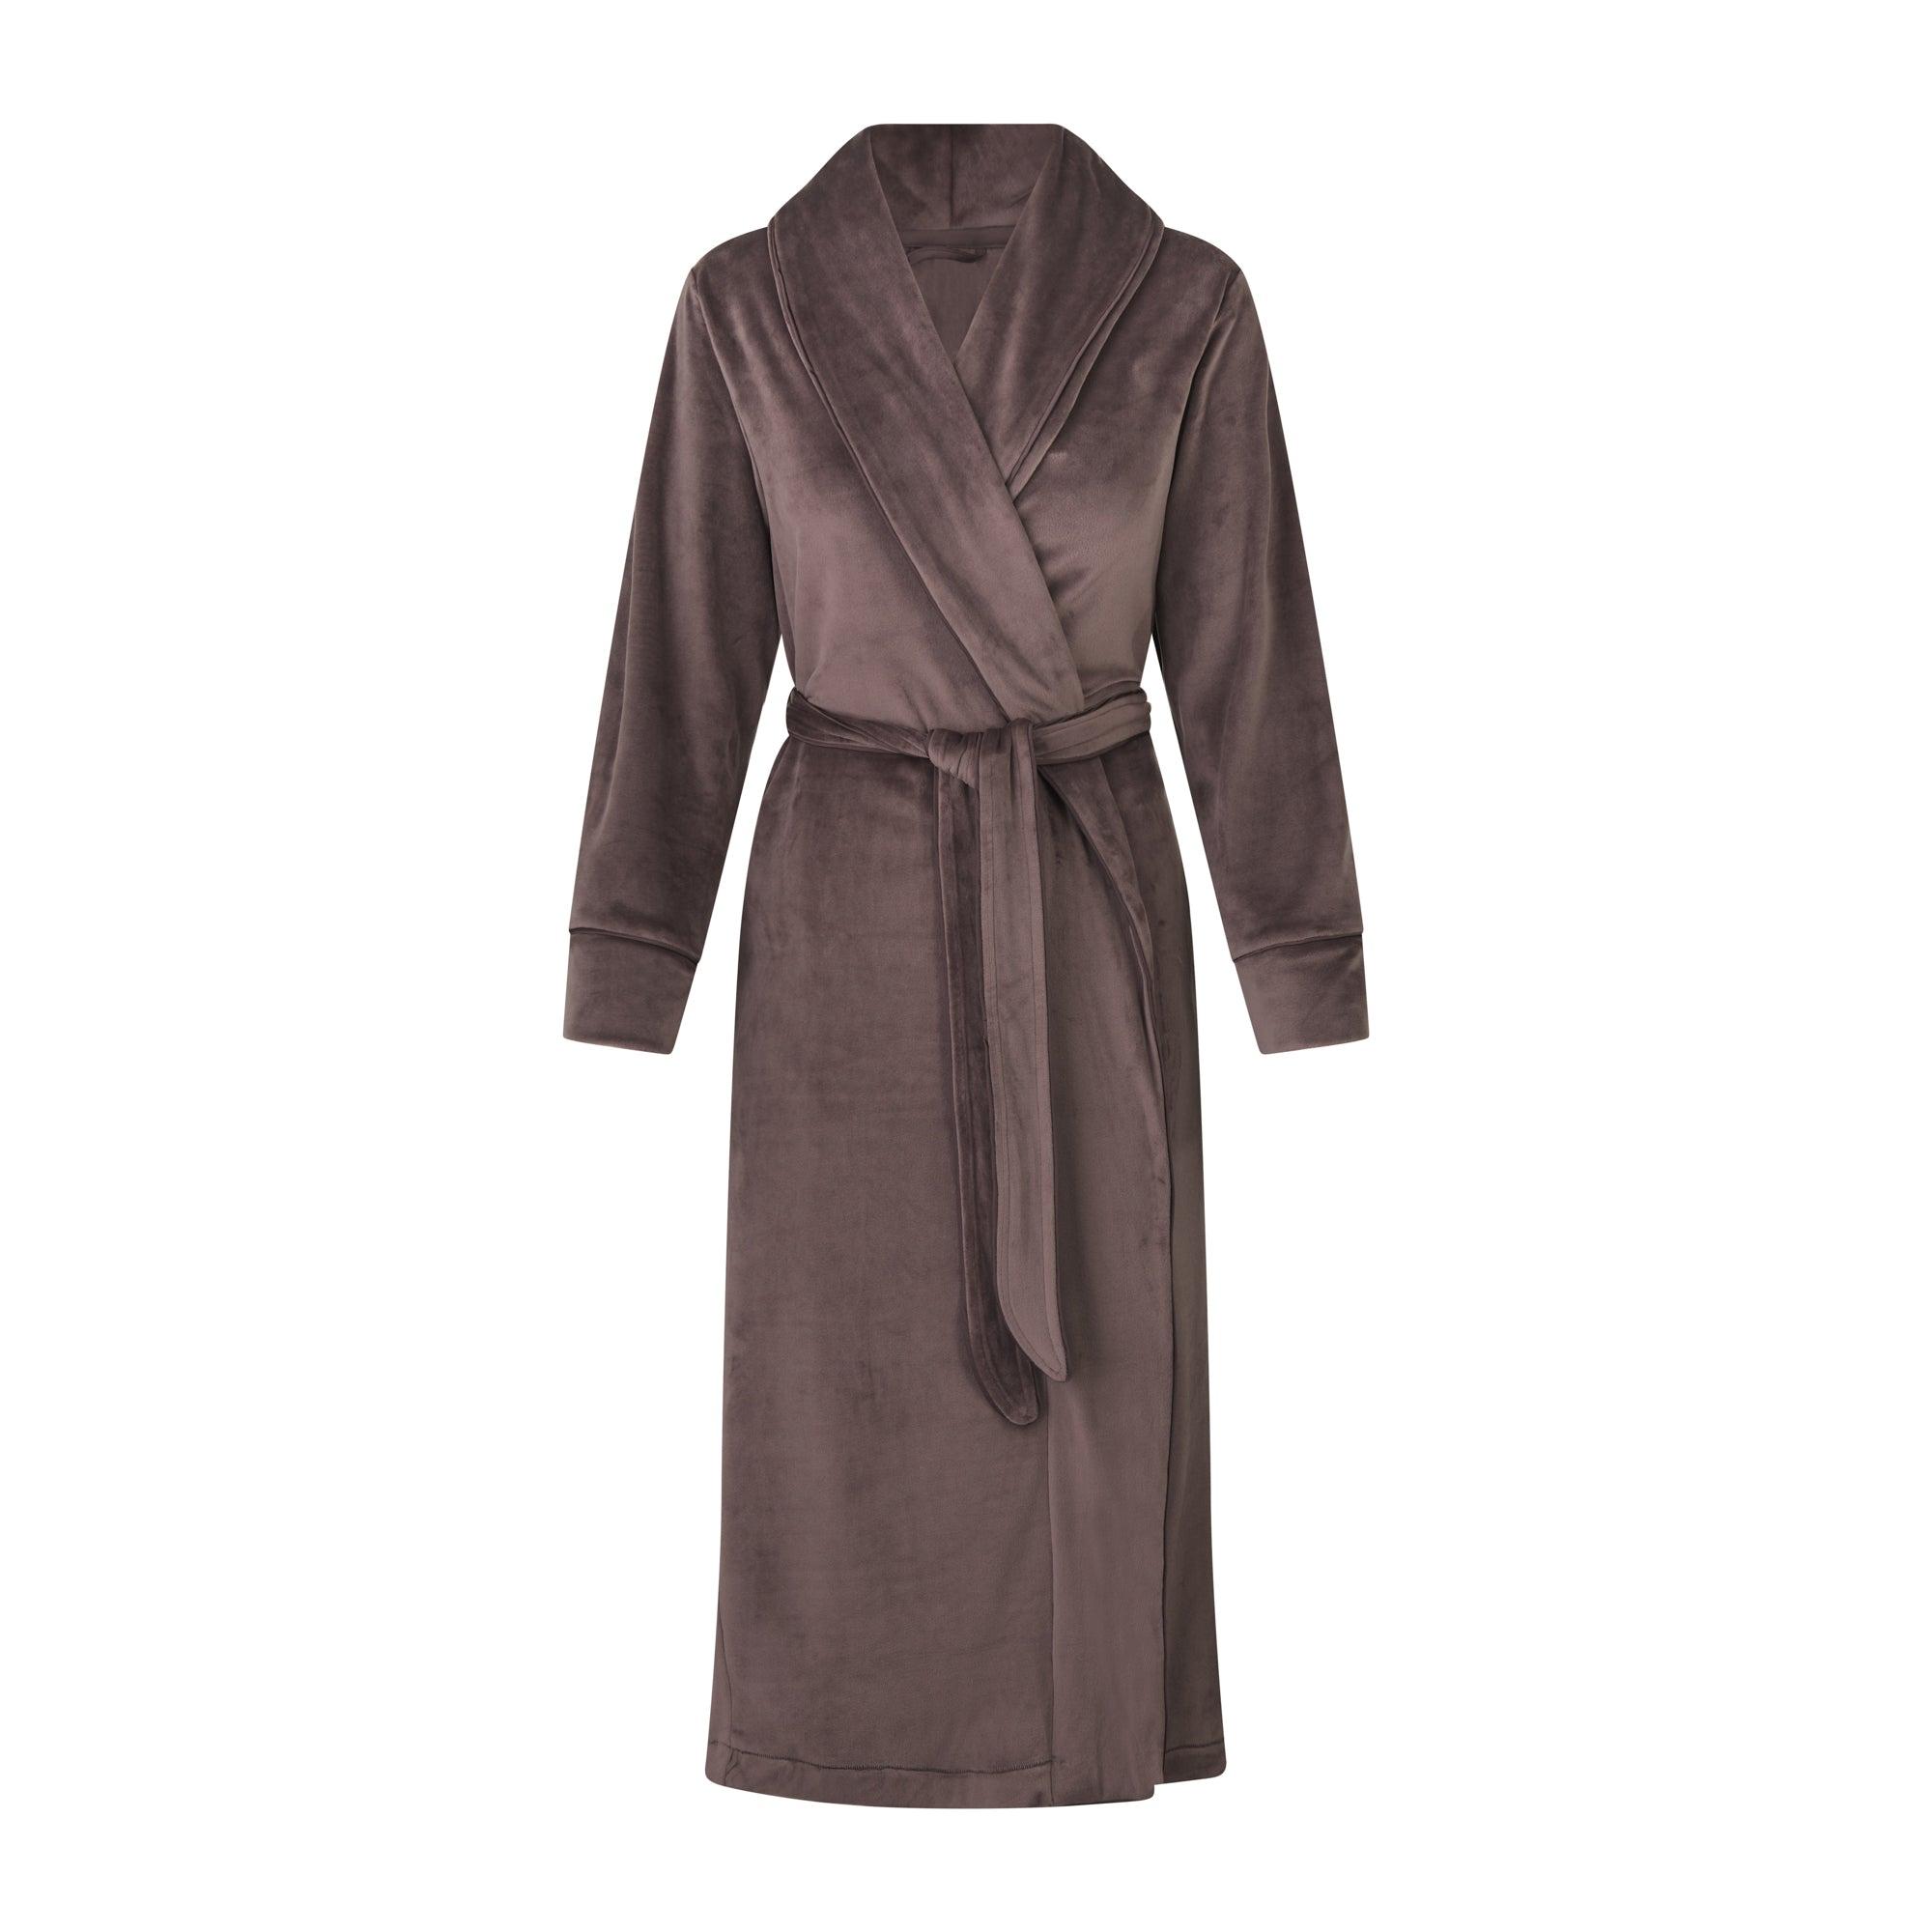 SKIMS Women's Velour Long Robe - Brown - Size L; Brown